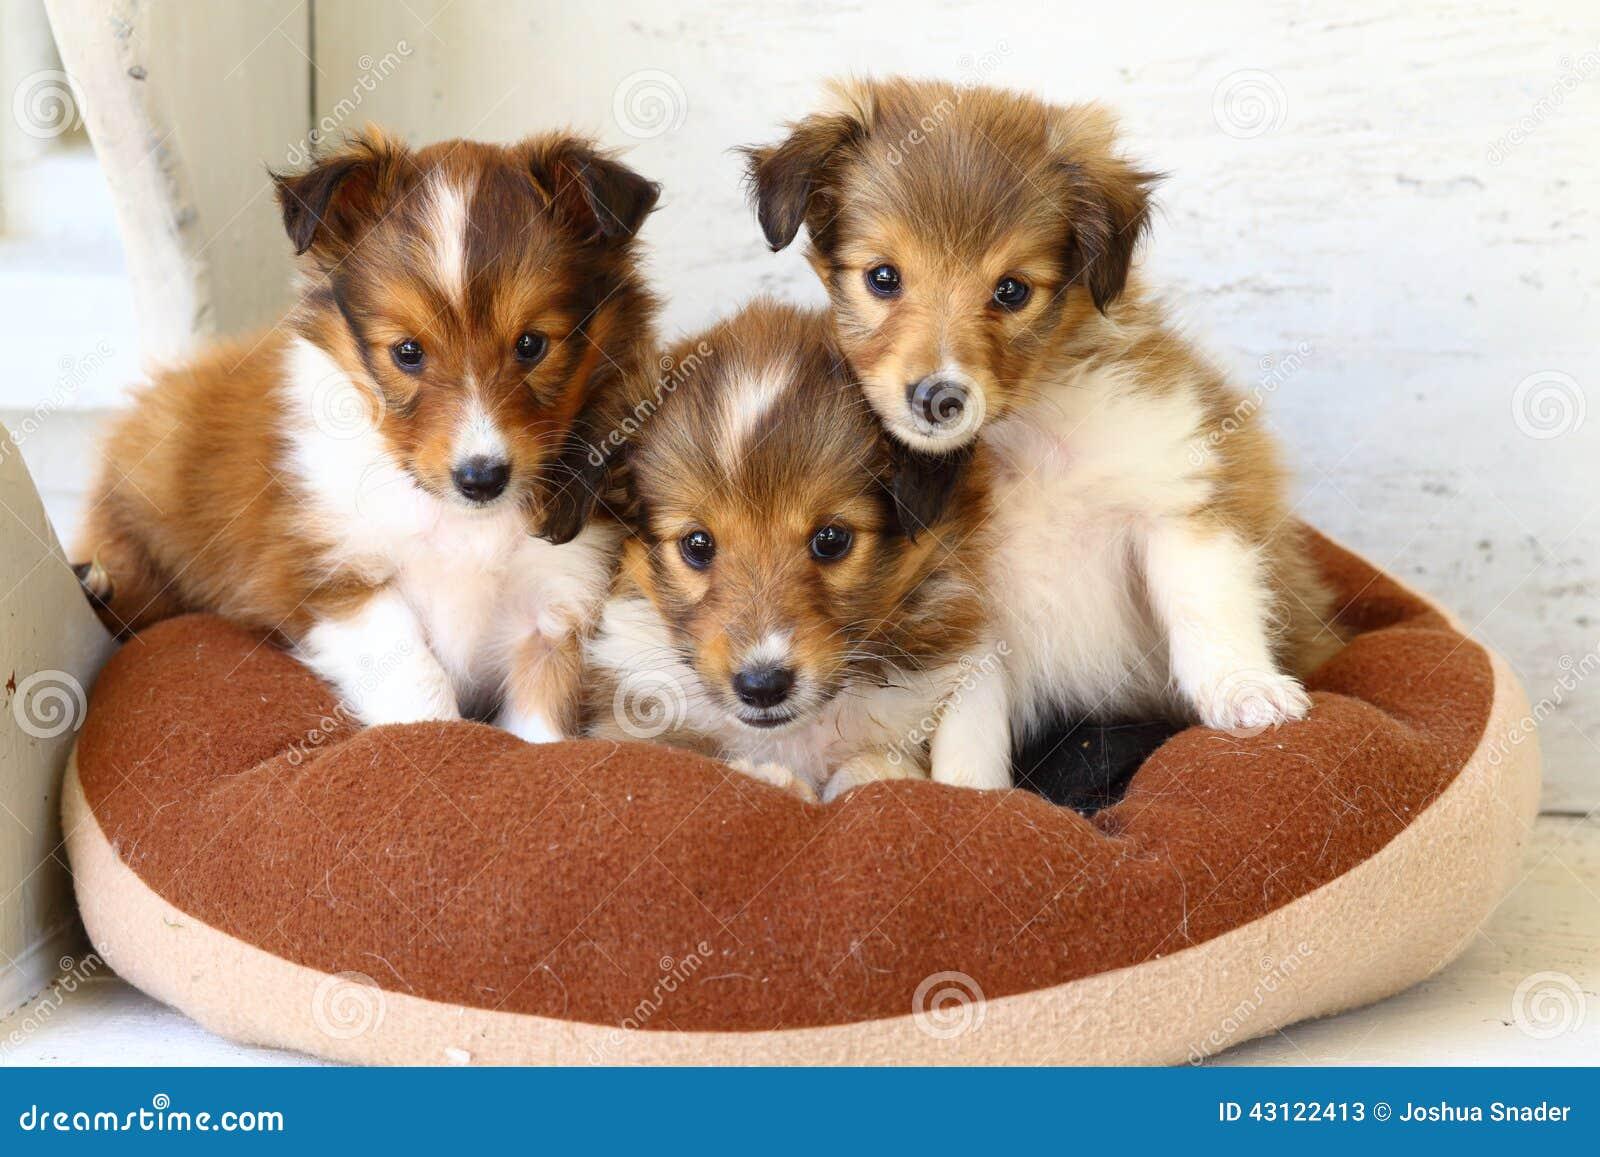 Dog Bed Sheltie